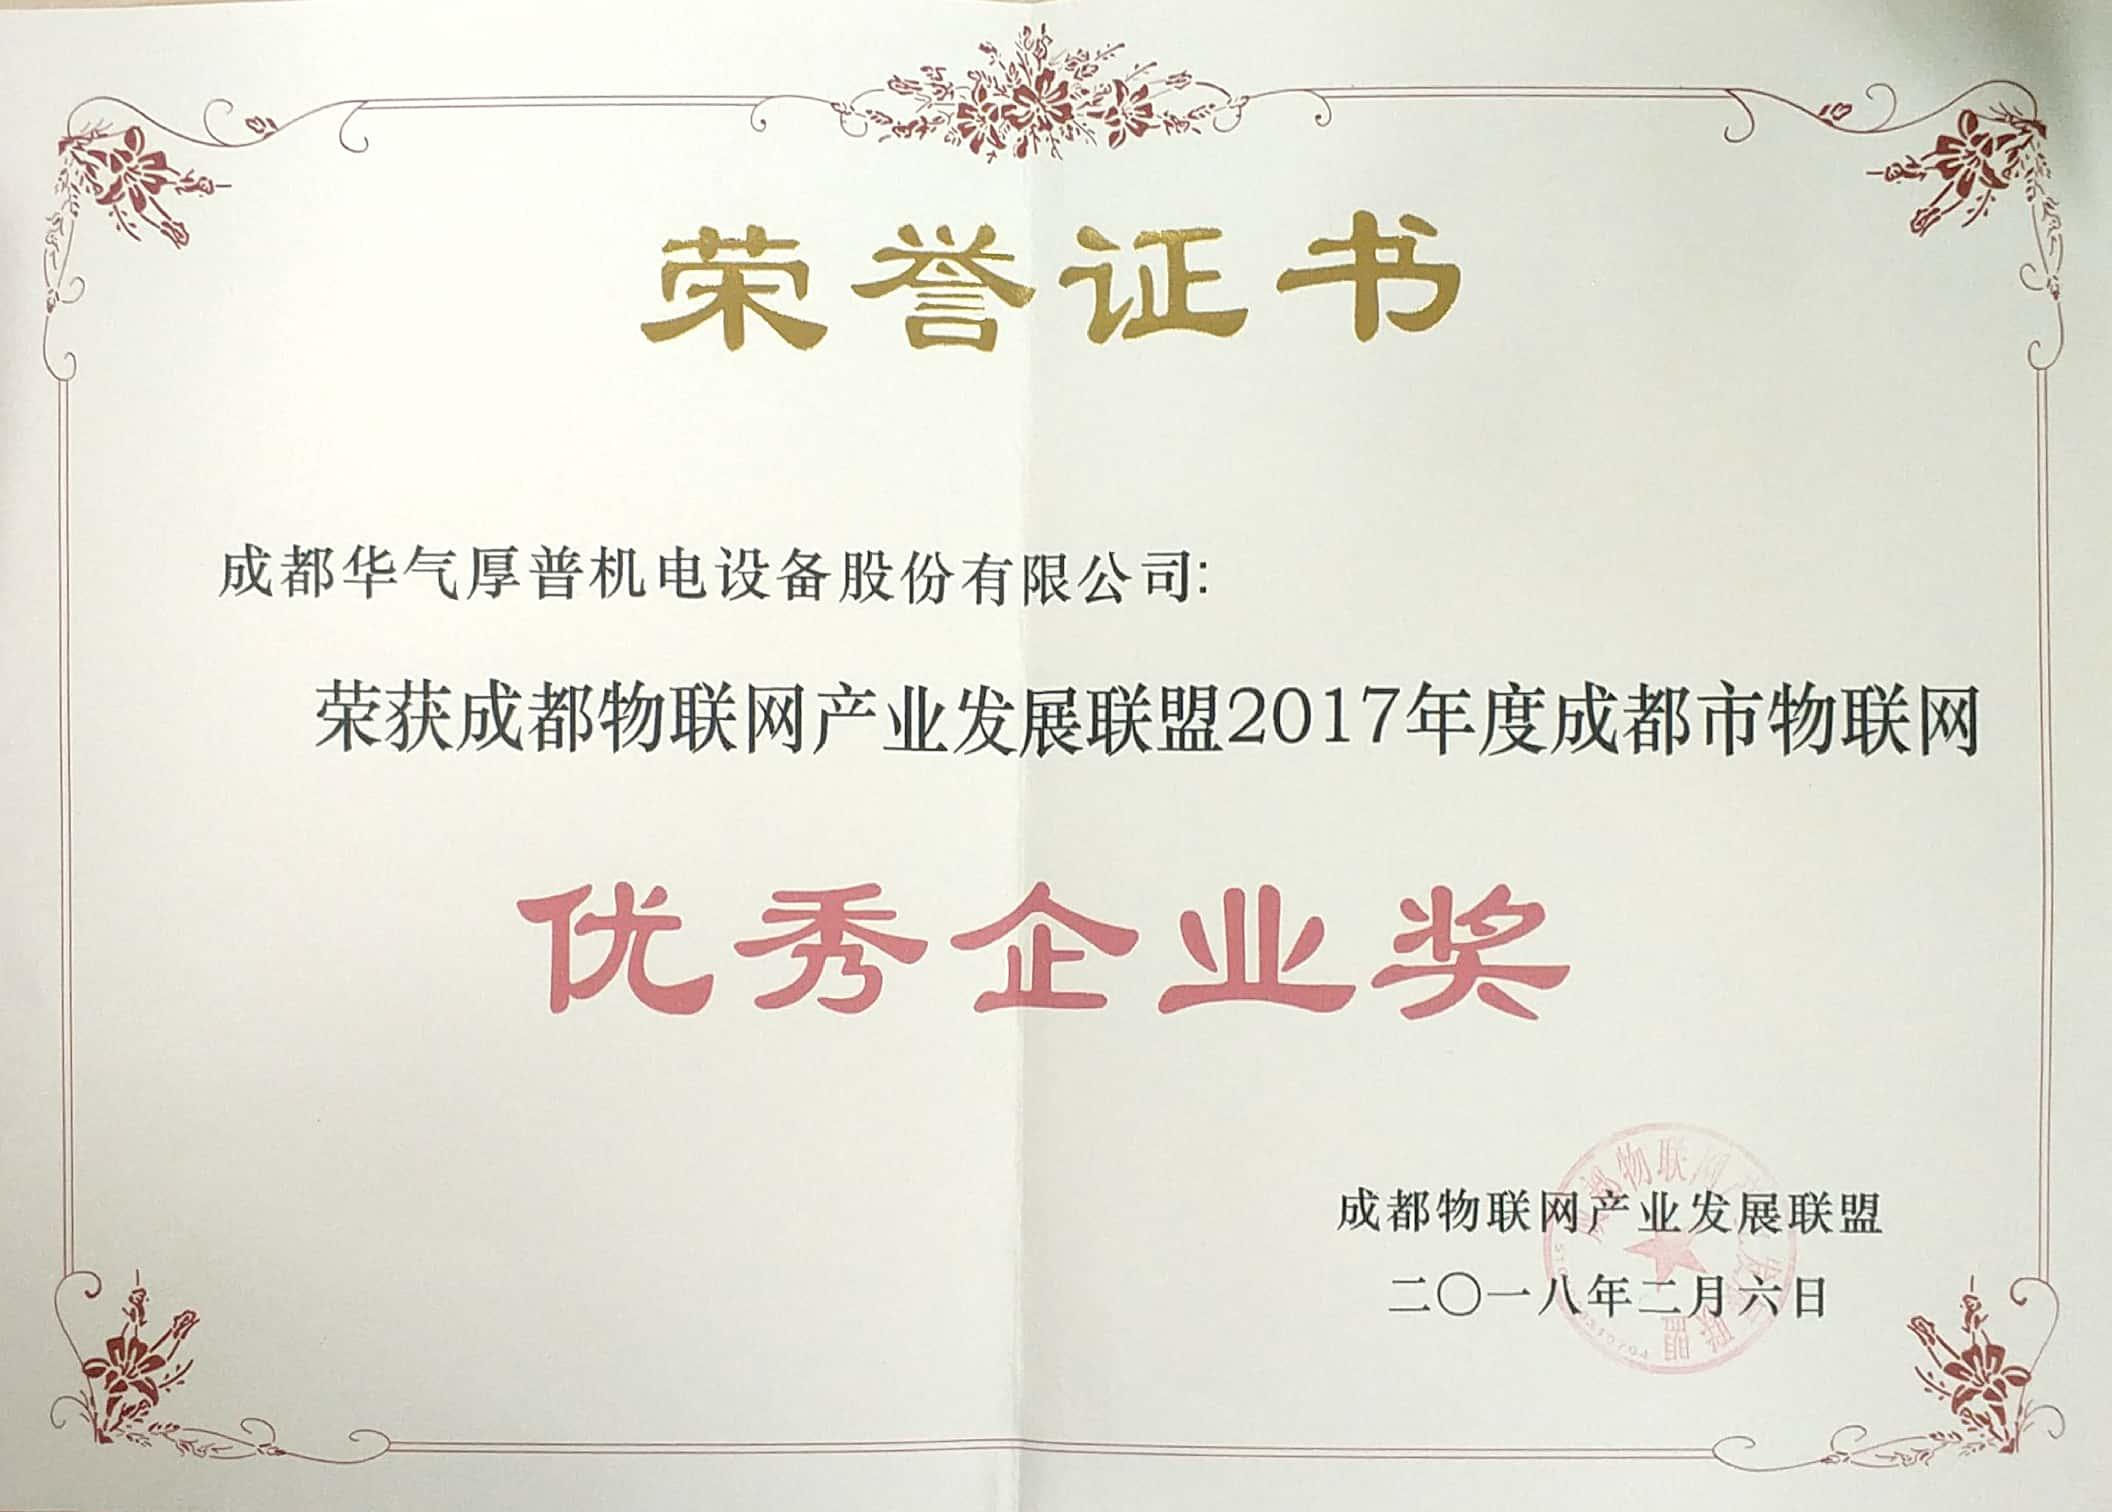 05-72-2017年成都市物联网优秀企业奖